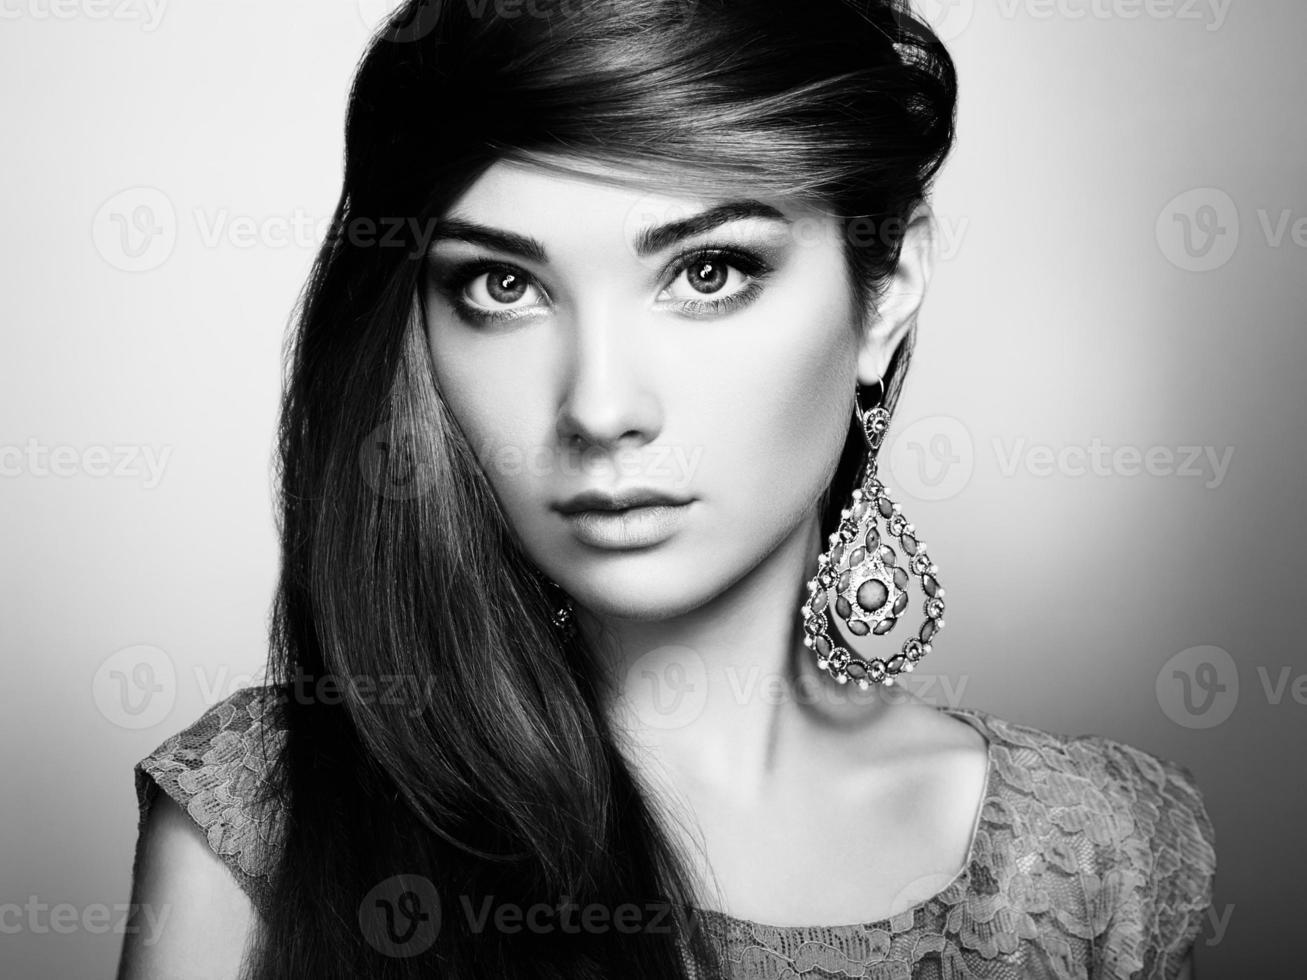 portrait de la belle jeune femme avec boucle d'oreille photo